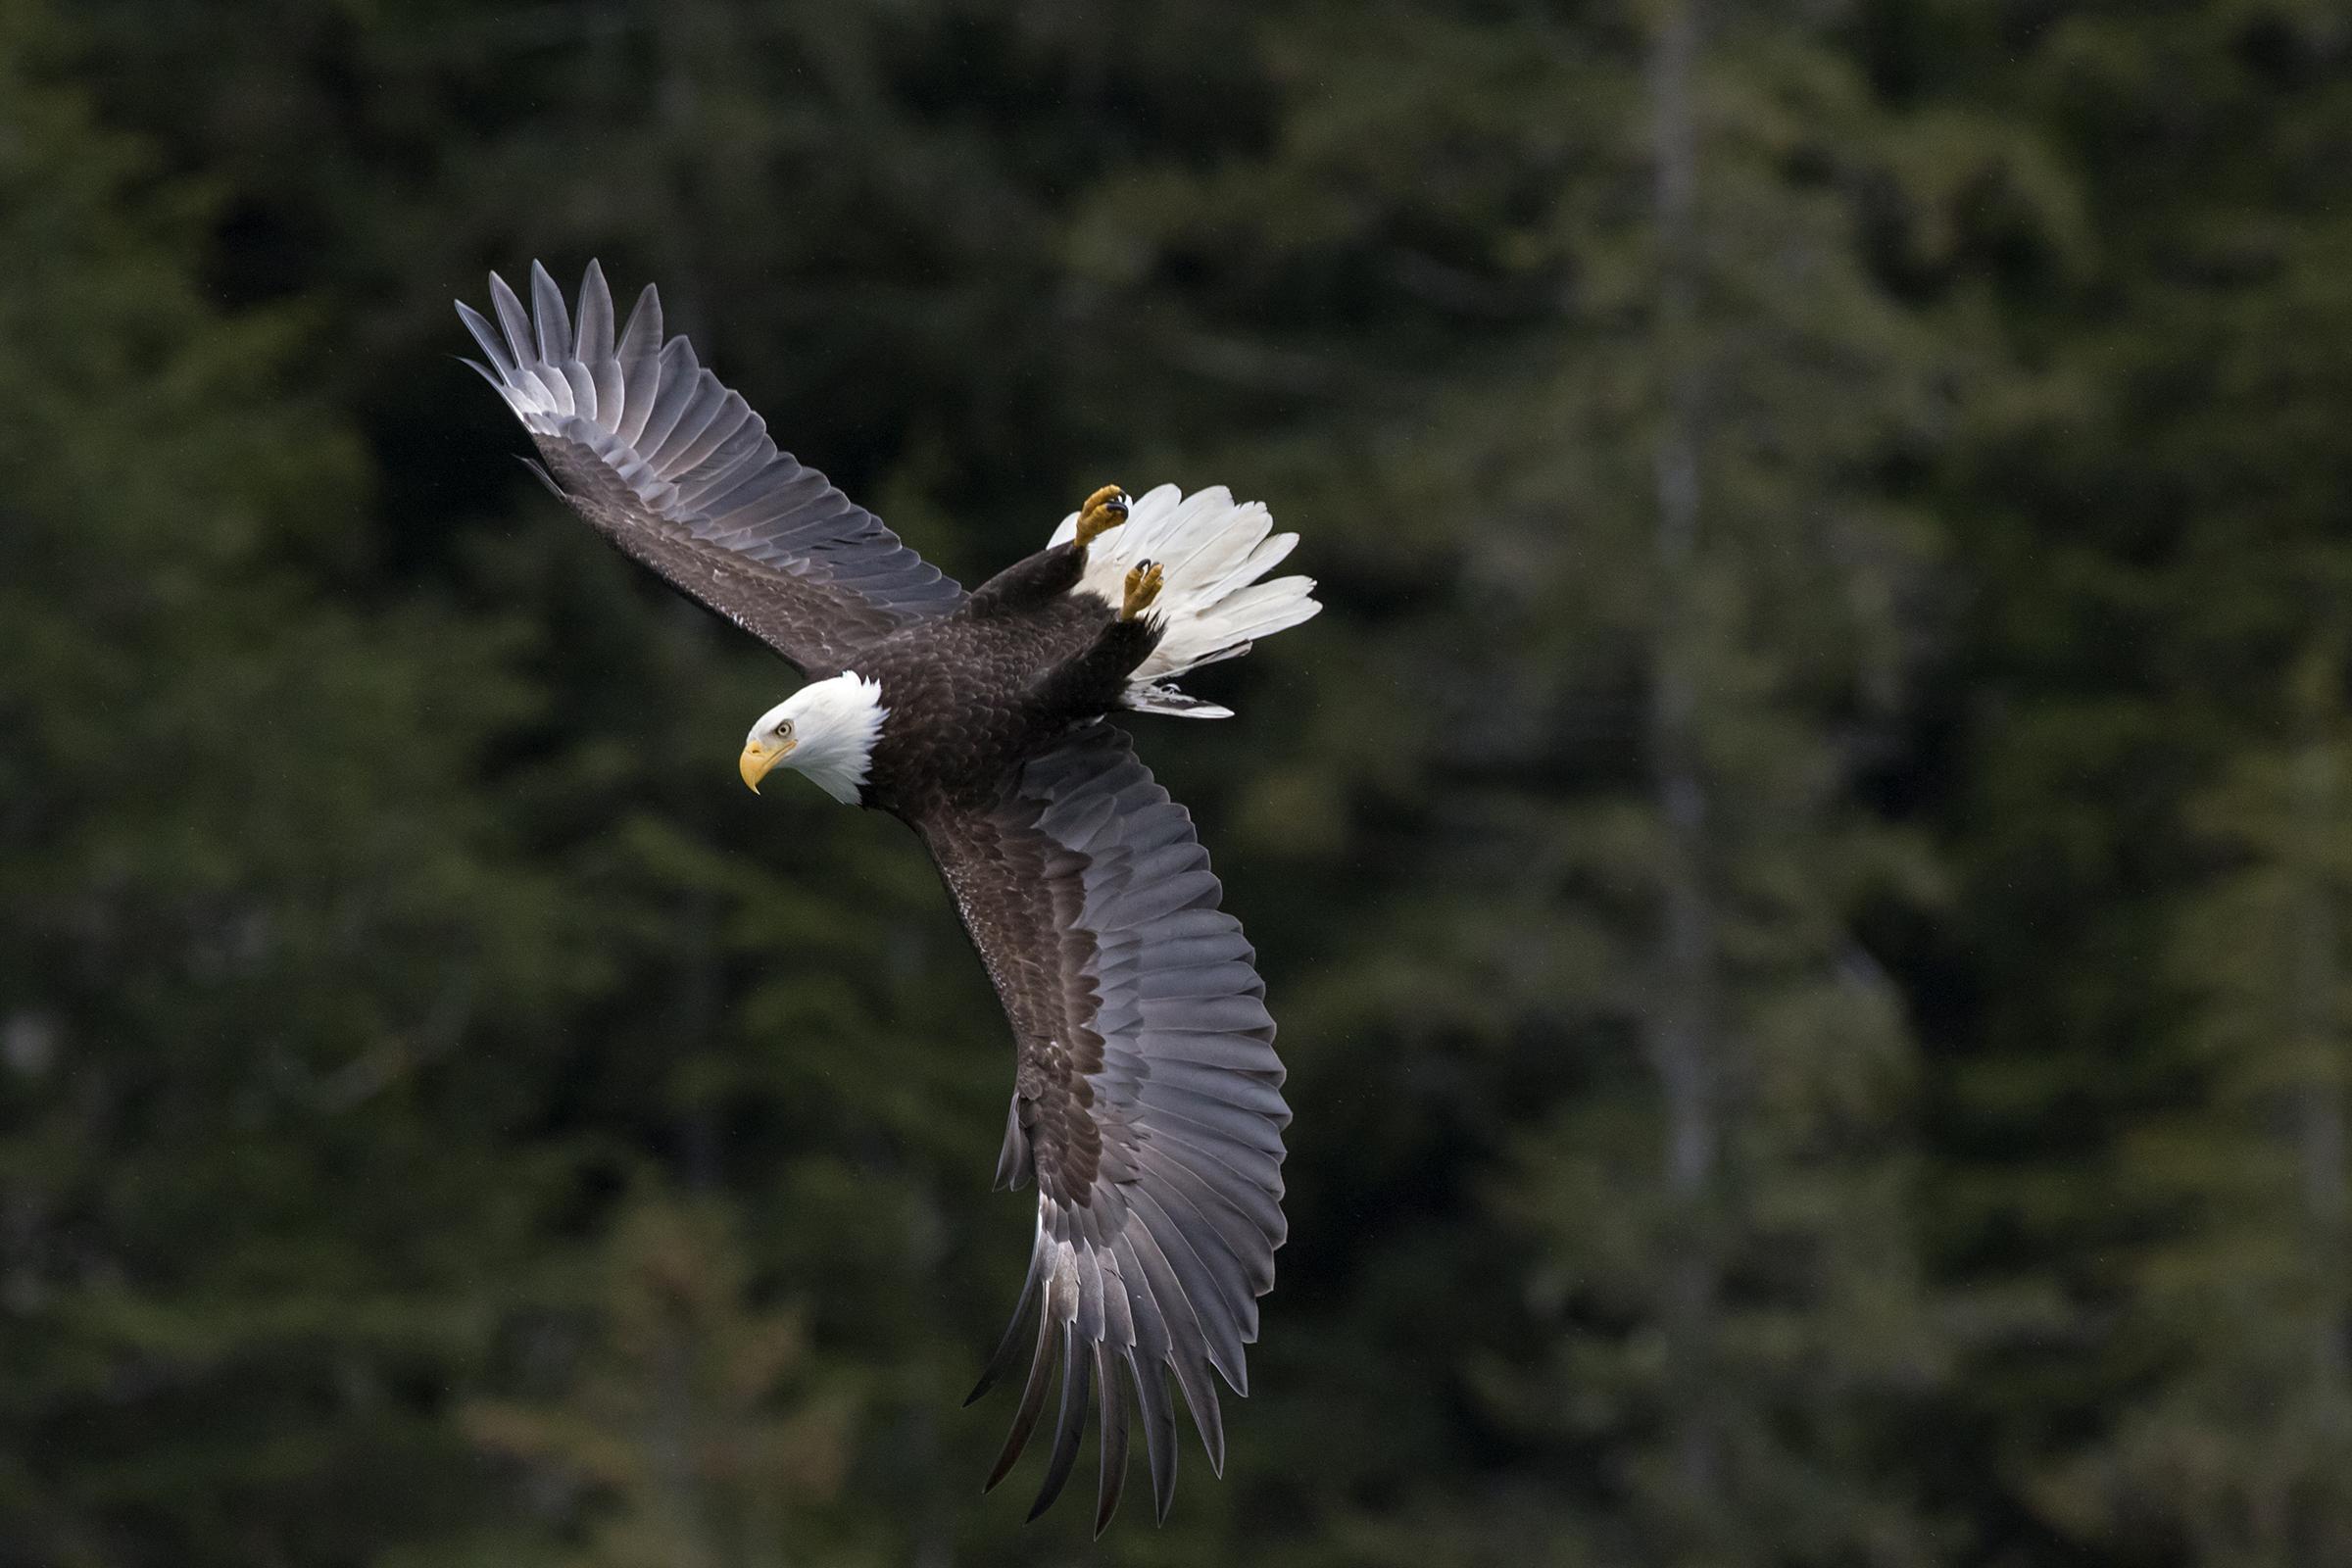 Bald Eagle. Photo: Howard Arndt/Audubon Photography Awards